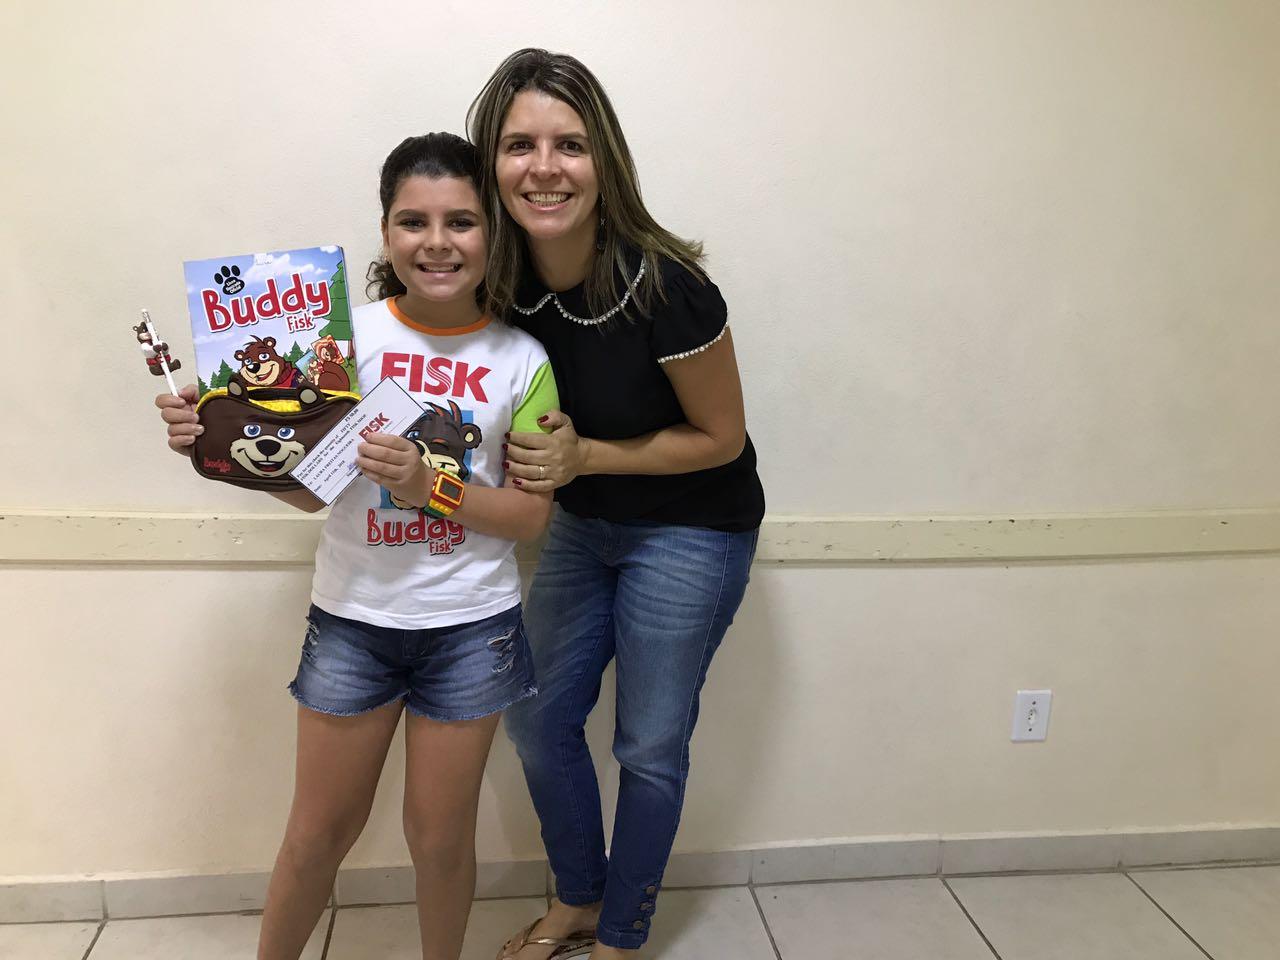 Governador Valadares/ MG: Promoção Buddy FISK